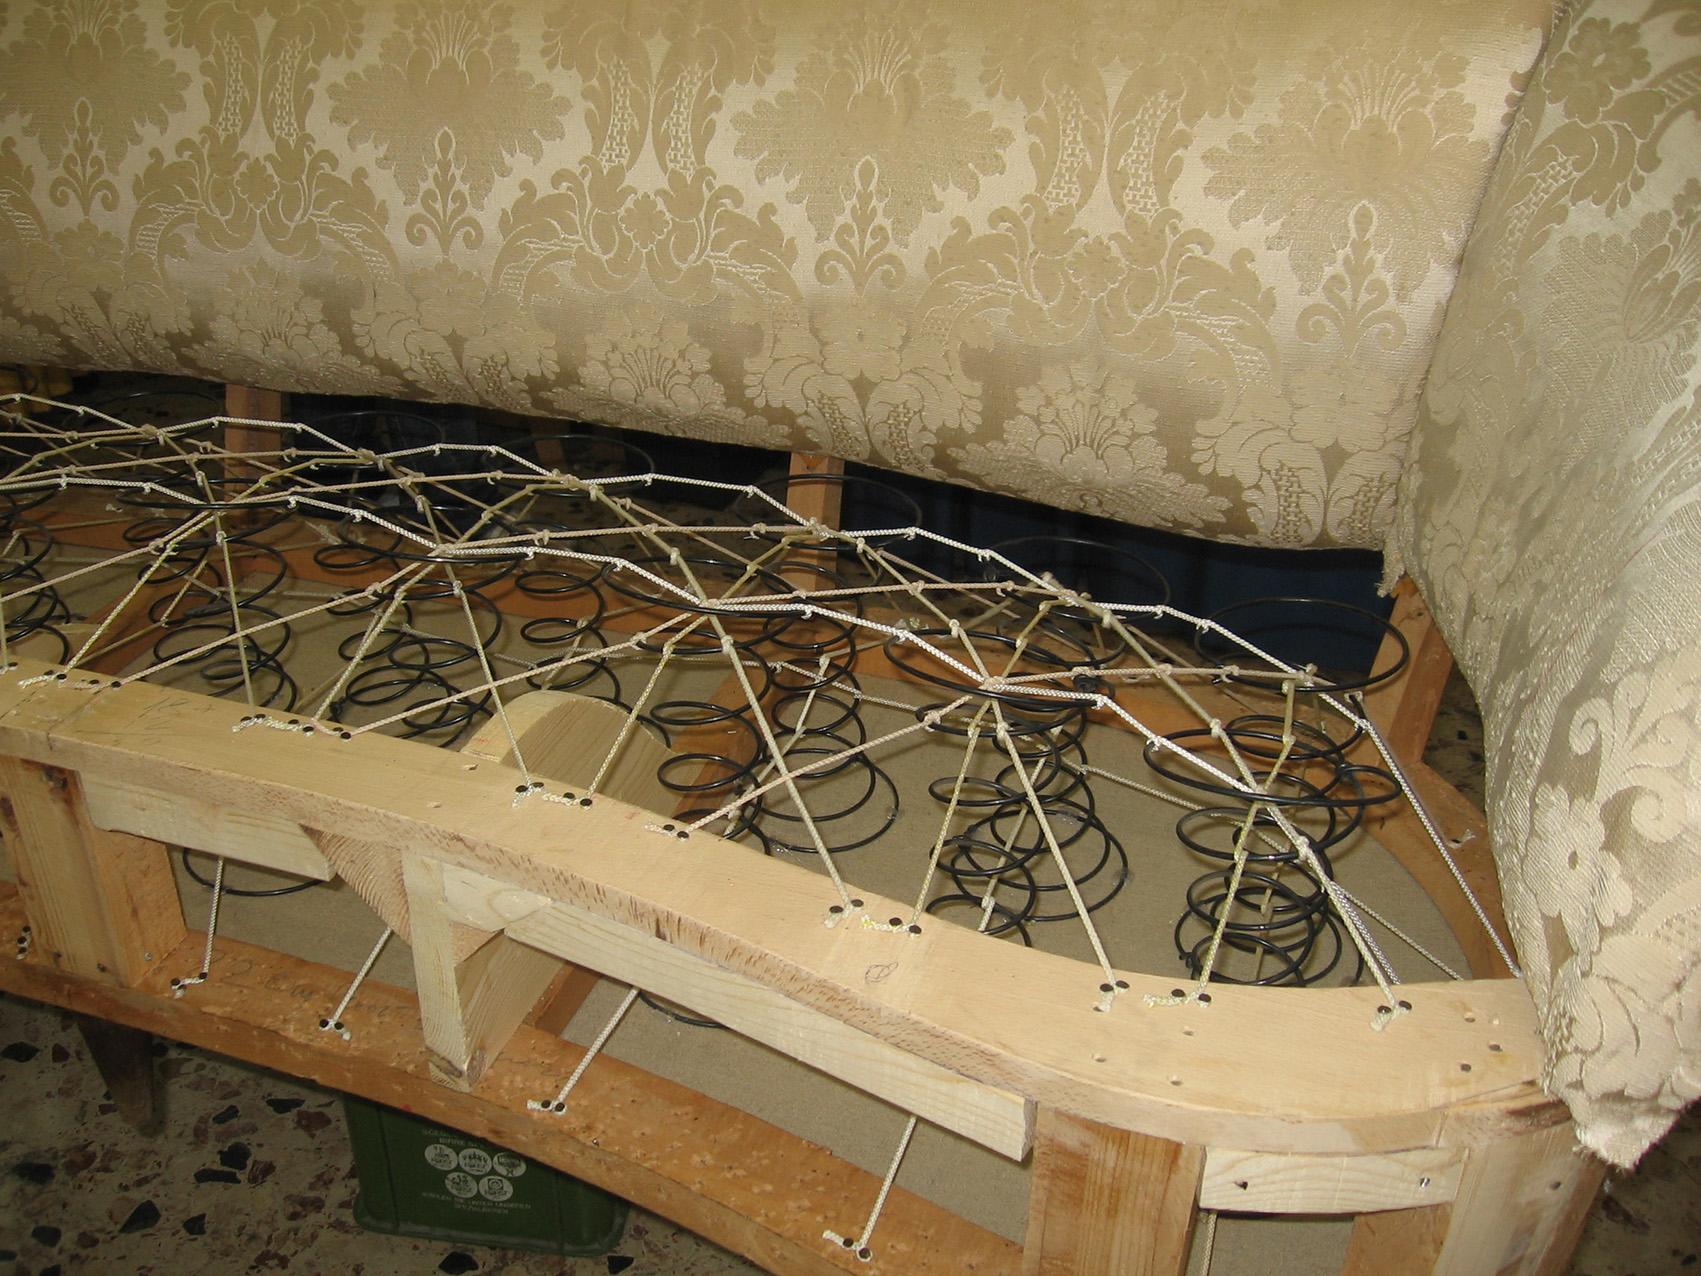 vista interna di un divano con molleggi da restaurare